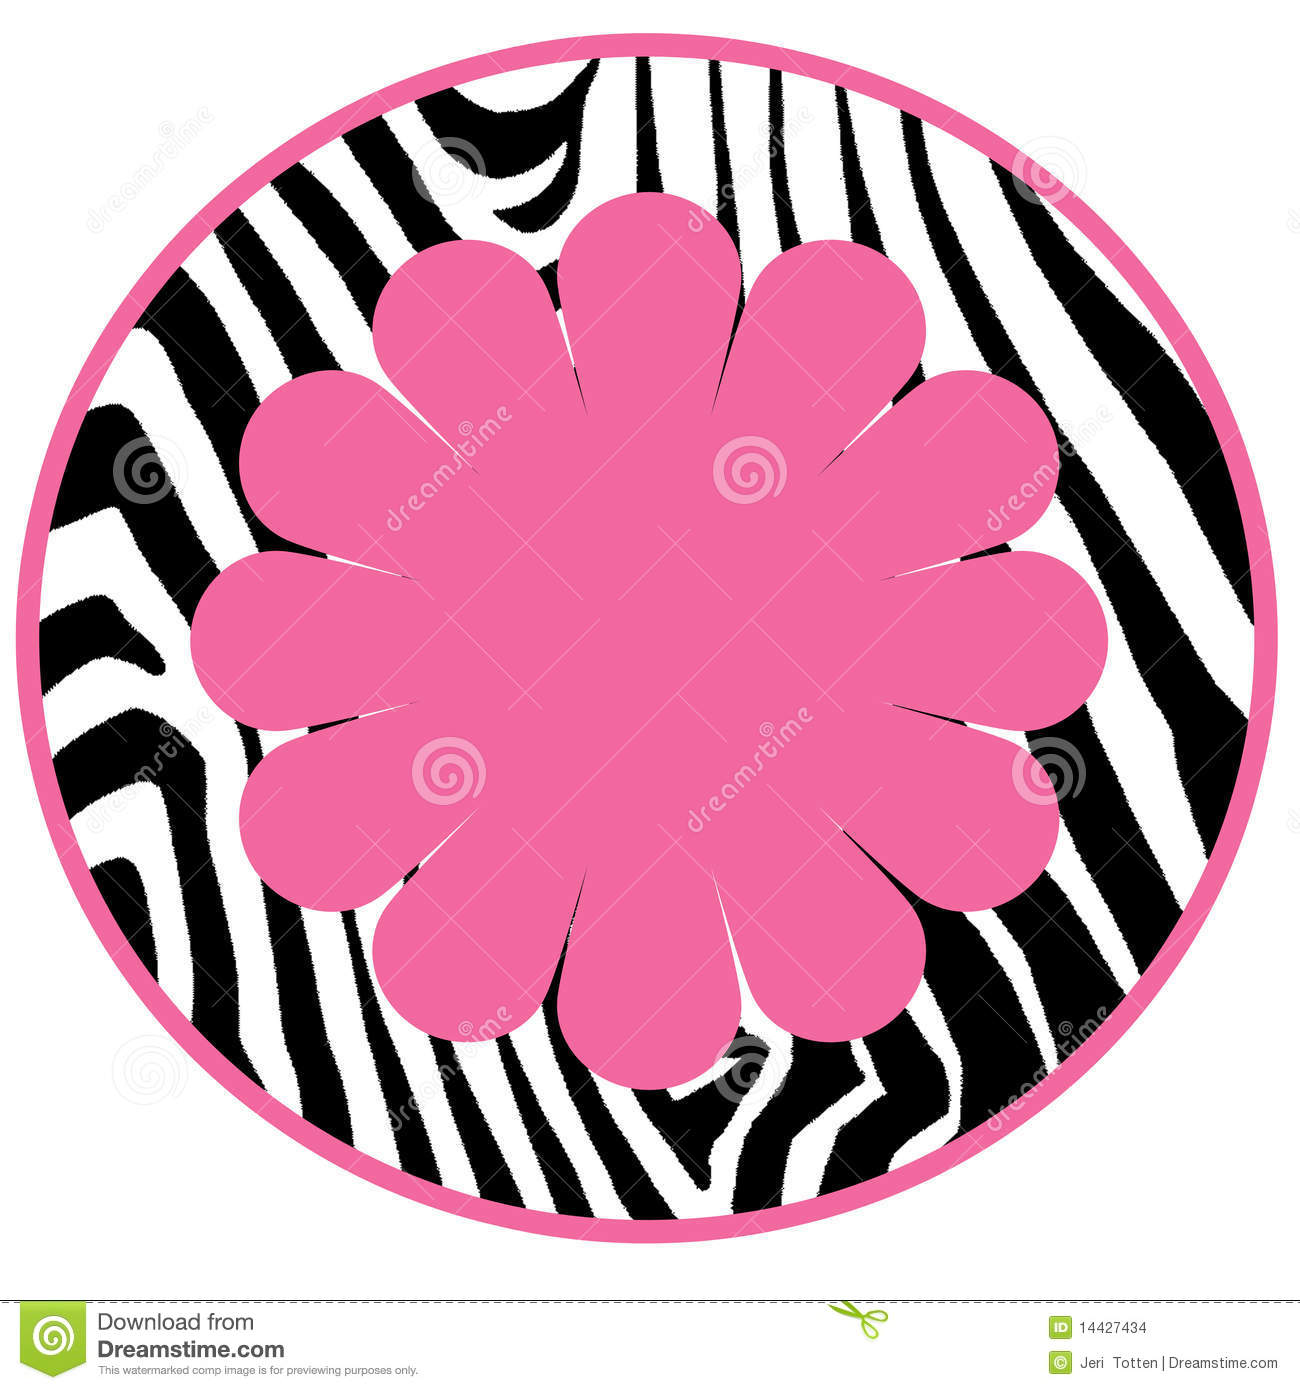 Circle clipart zebra print Zebra%20print%20clipart Clipart Zebra Images Clipart